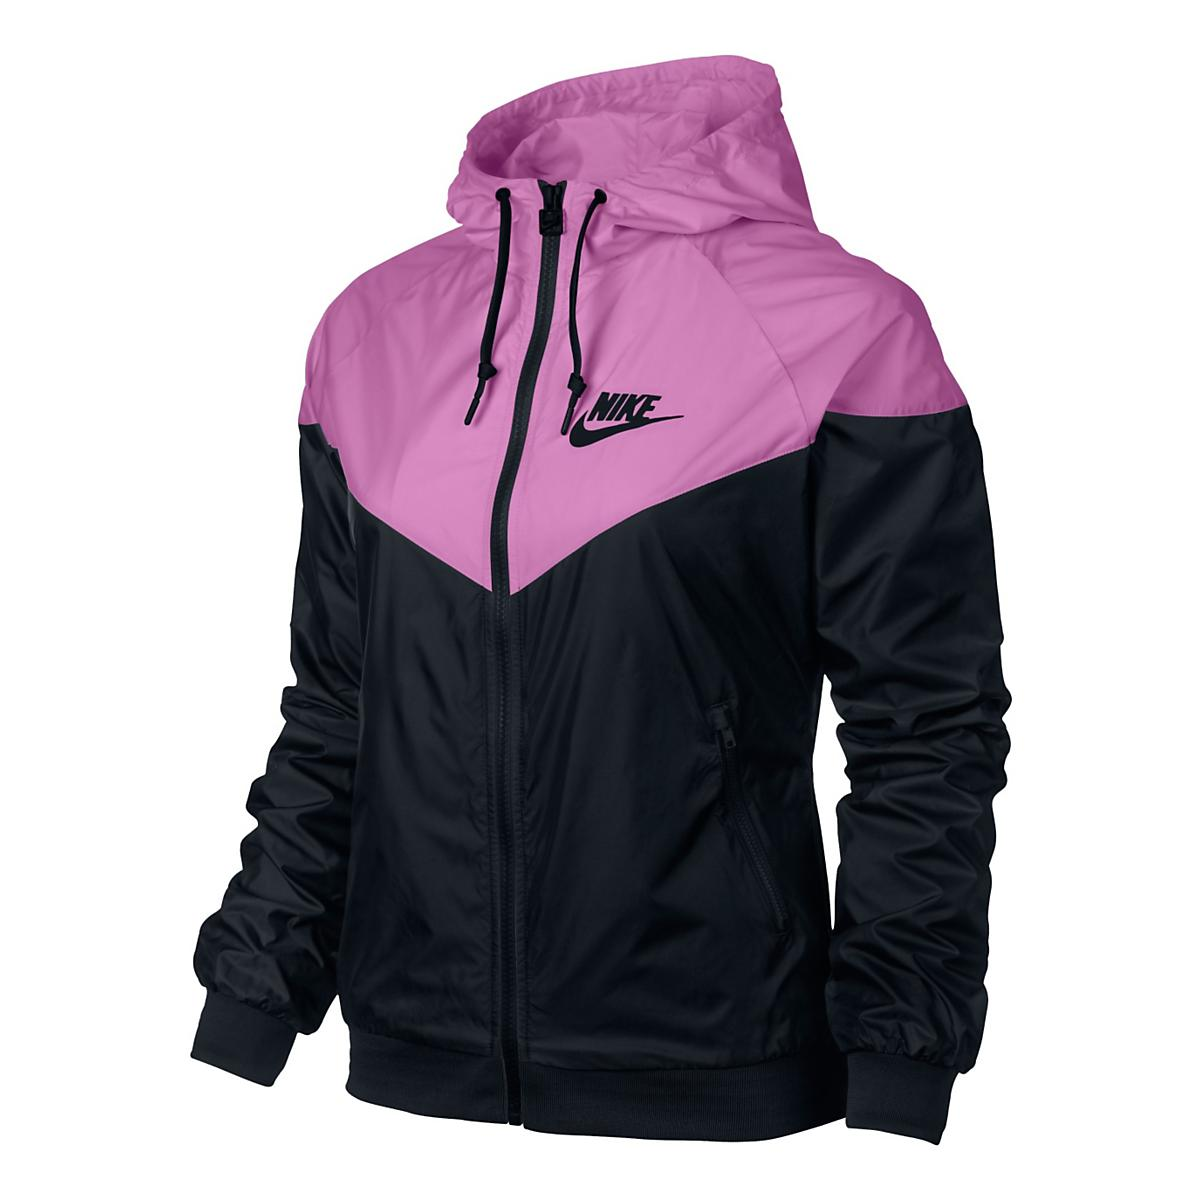 Women's Nike Windrunner Jacket